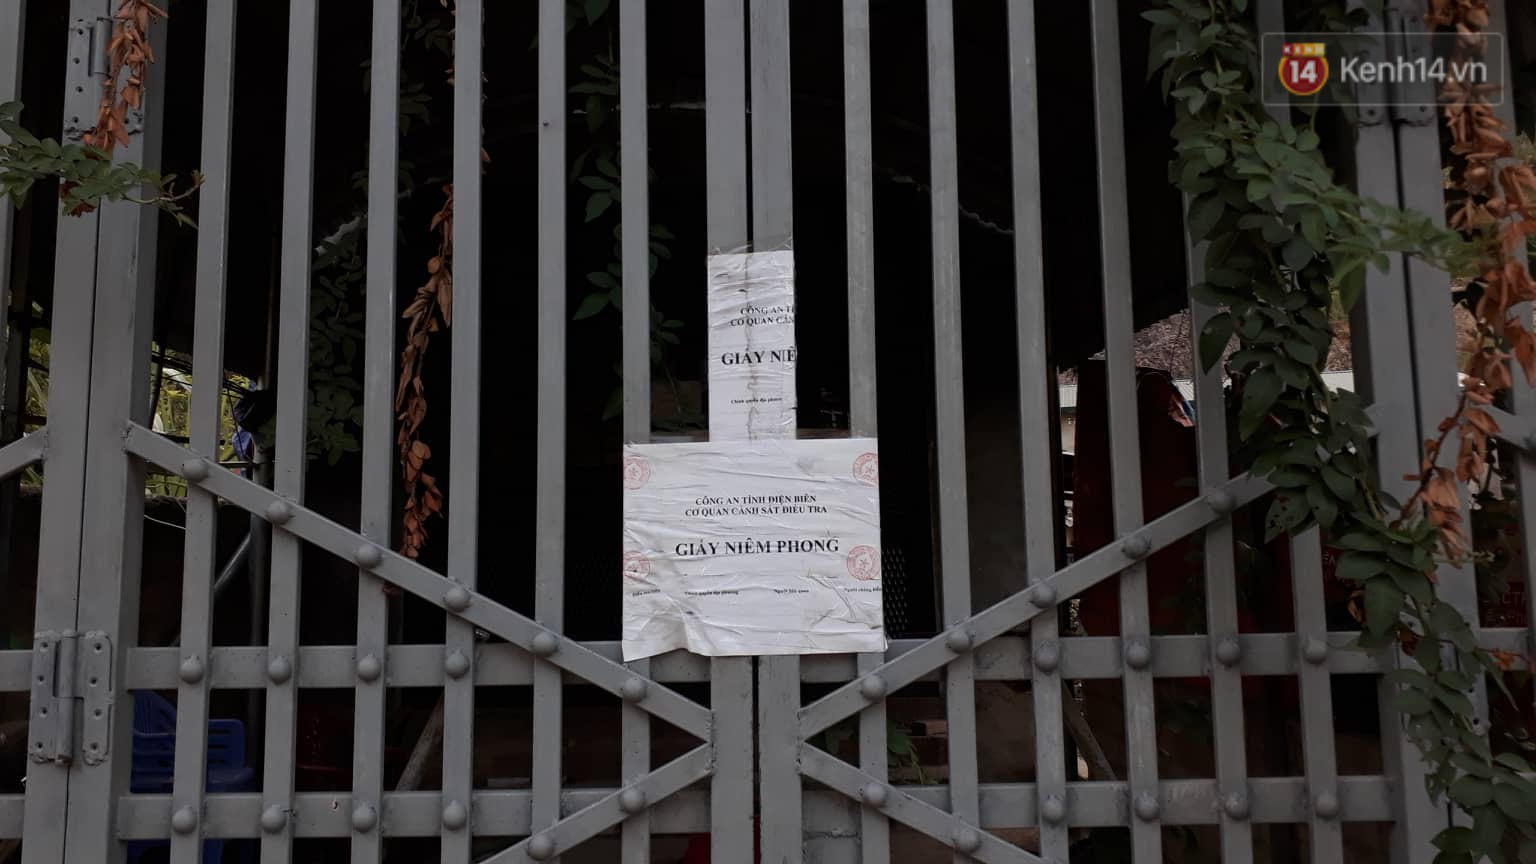 4 tháng sau vụ nữ sinh giao gà bị sát hại, căn nhà của vợ chồng Bùi Văn Công trở nên lạnh lẽo, hàng xóm có những chia sẻ bất ngờ - Ảnh 1.